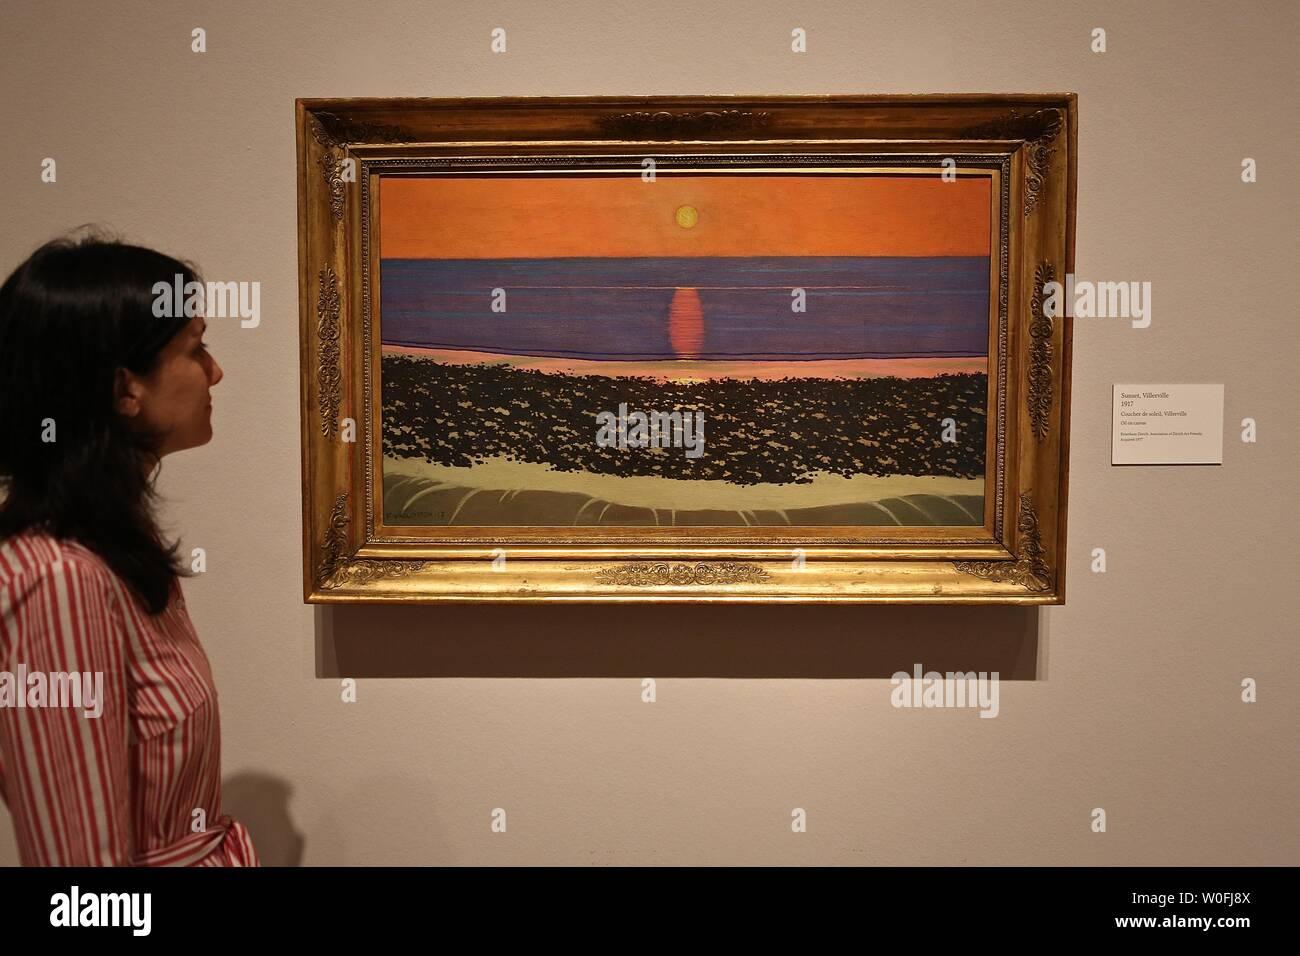 Vallotton Stockfotos & Vallotton Bilder - Alamy